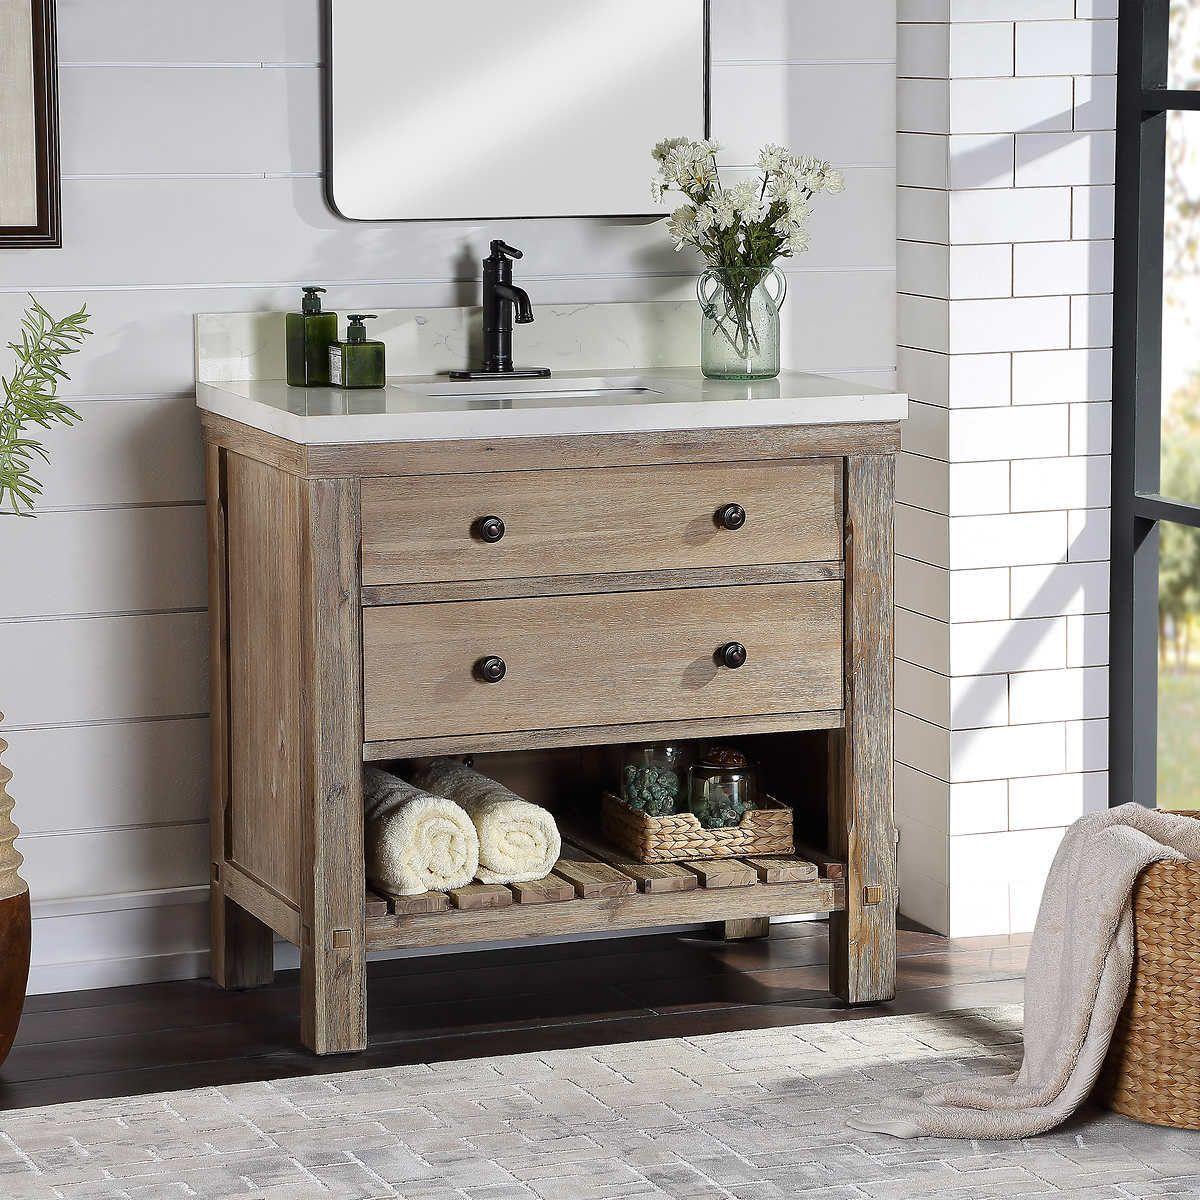 Elbe Rustic 36 Vanity Single Sink Vanity By Northridge Home Modernbathroomensembles Rustic Bathroom Vanities Single Sink Vanity Vanity Sink [ 1200 x 1200 Pixel ]